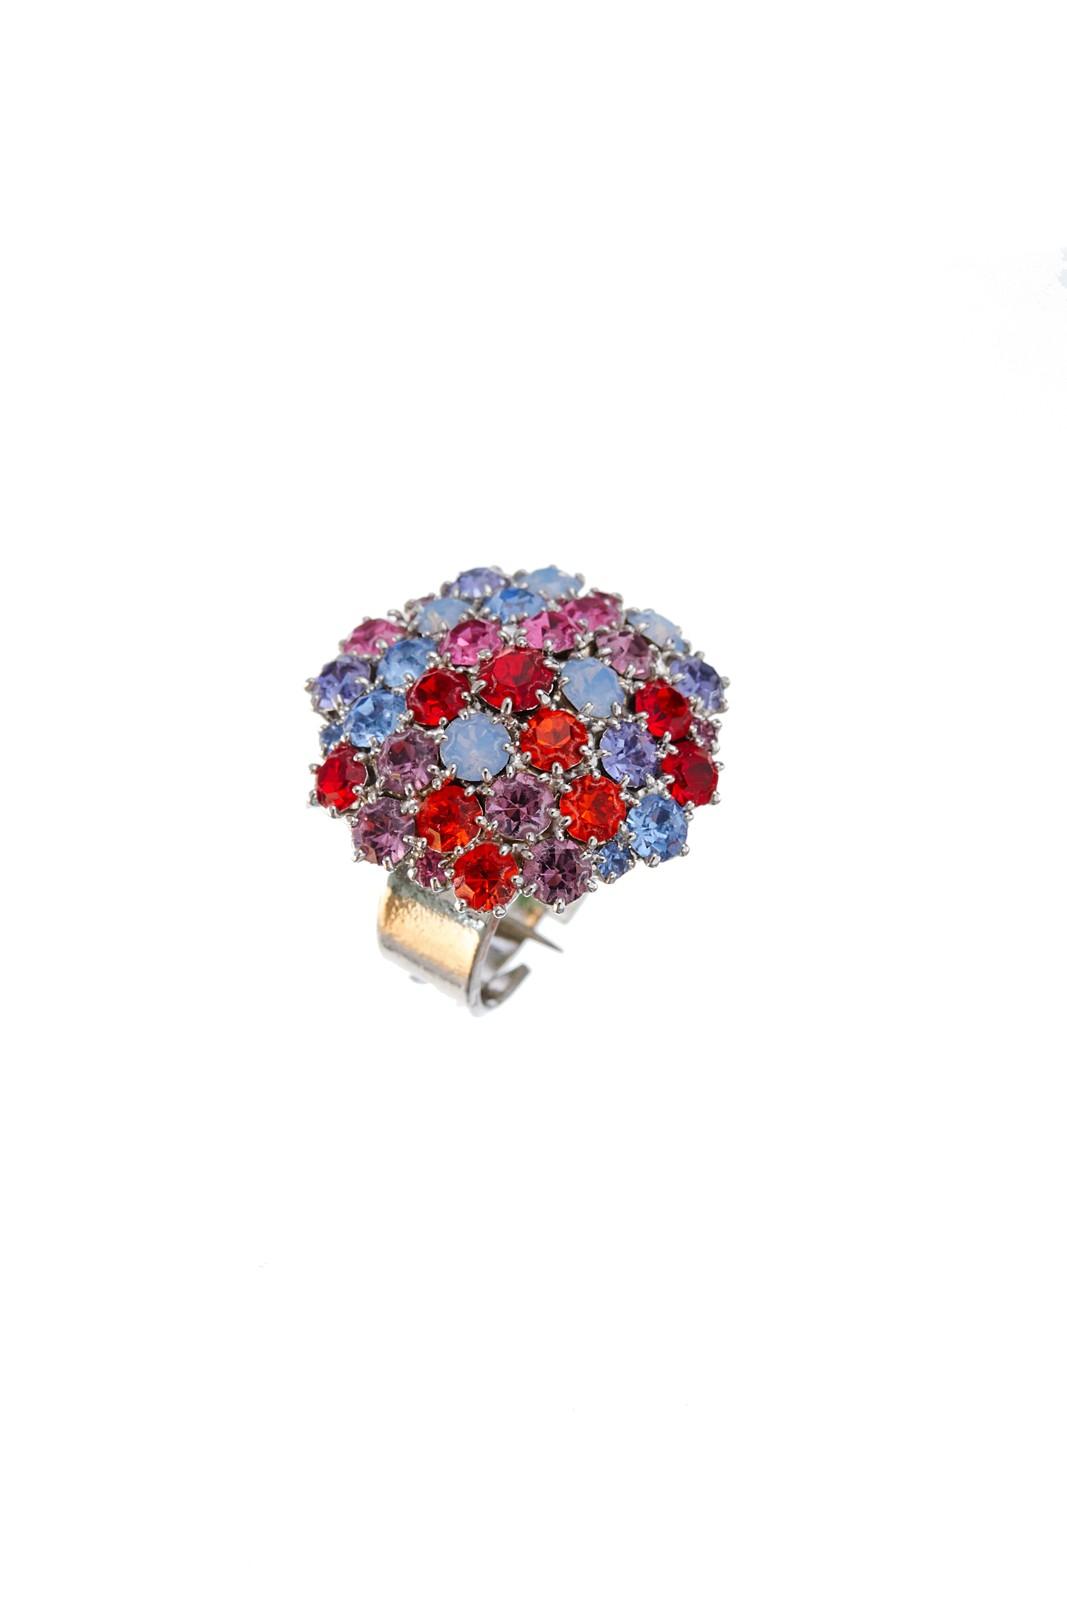 Krásný prstýnek z českých broušených kamenů v jarních barvách